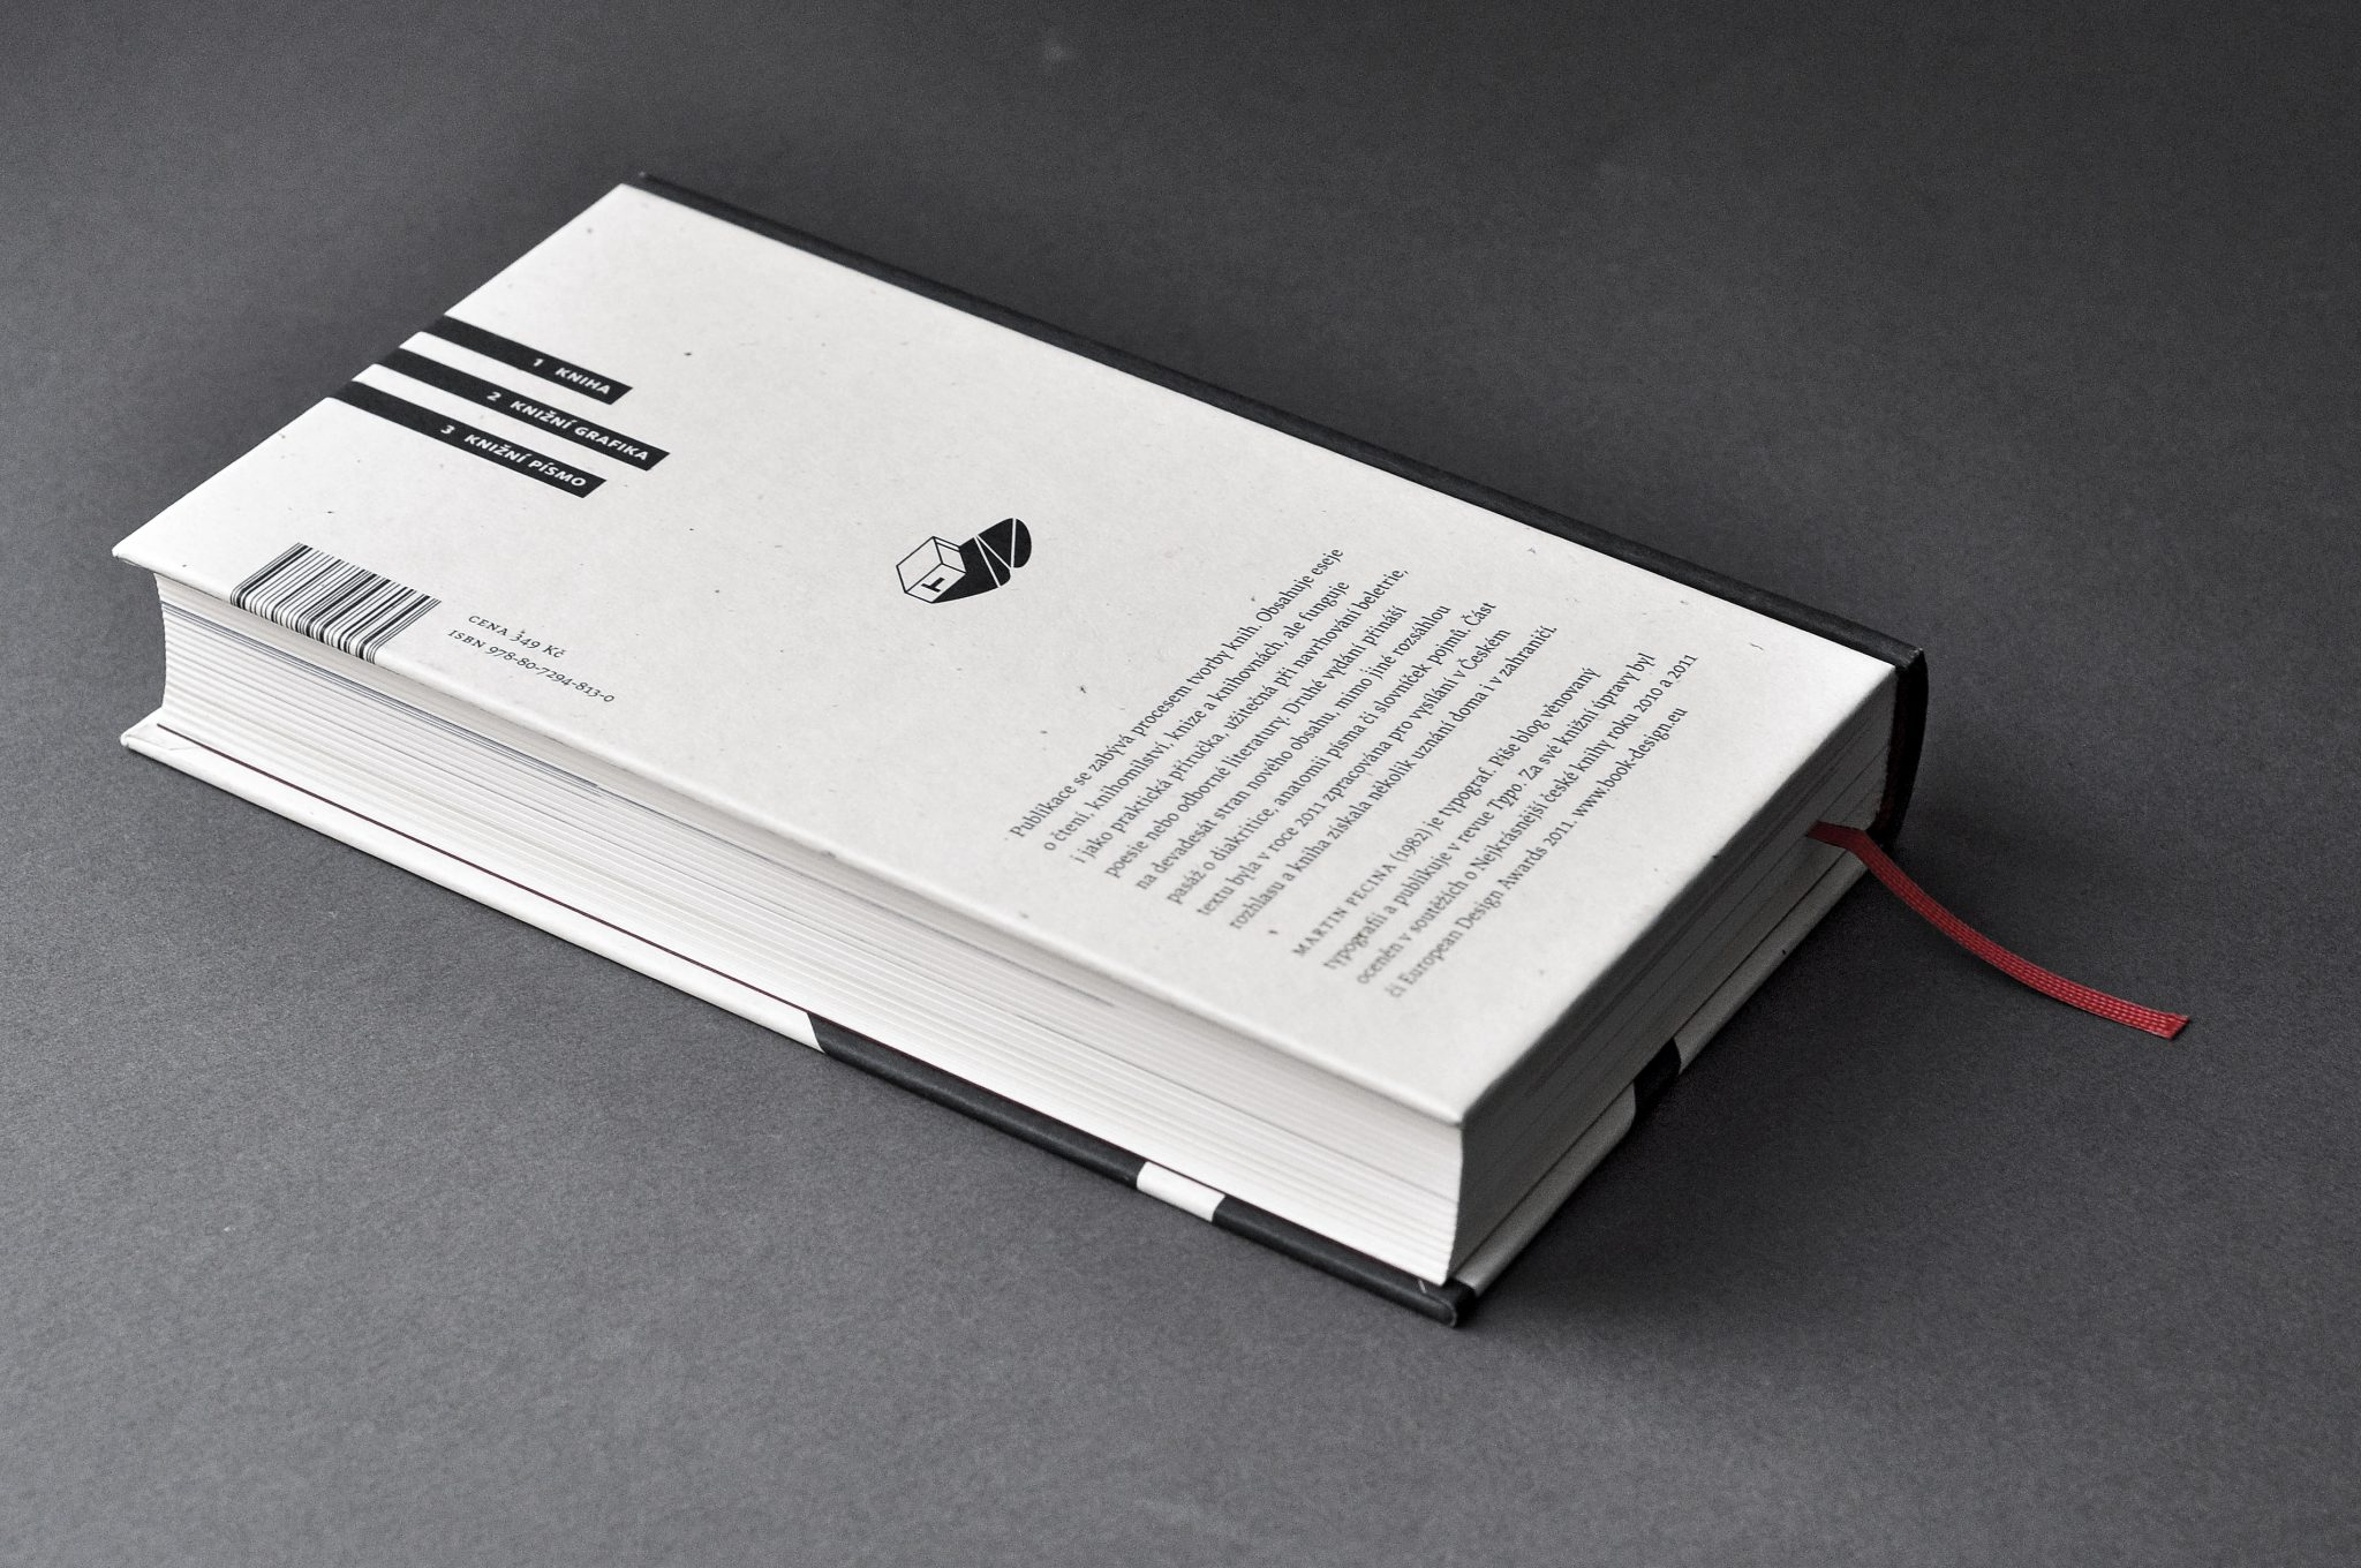 knihy-a-typografie_002-1